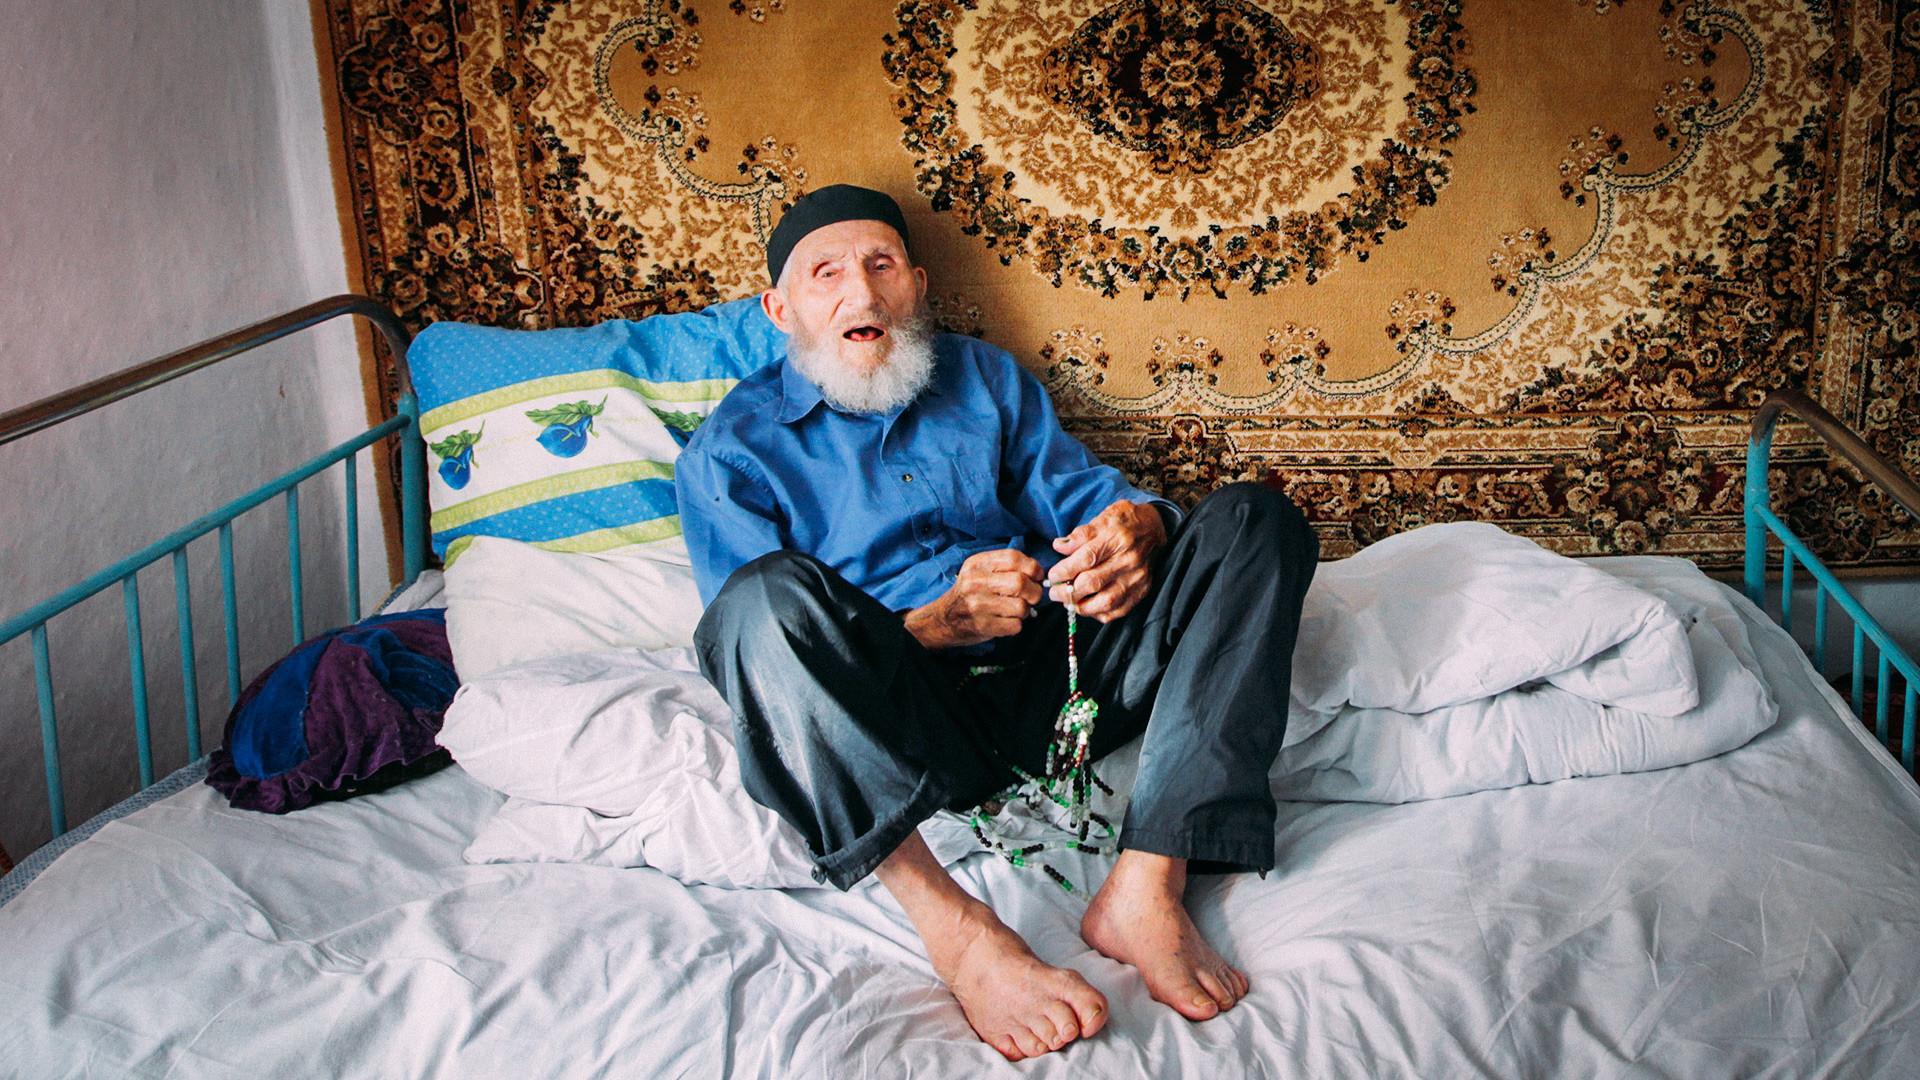 ロシアの長寿の人、マゴメド・ラバザノフさん。1890年3月1日に産まれた。